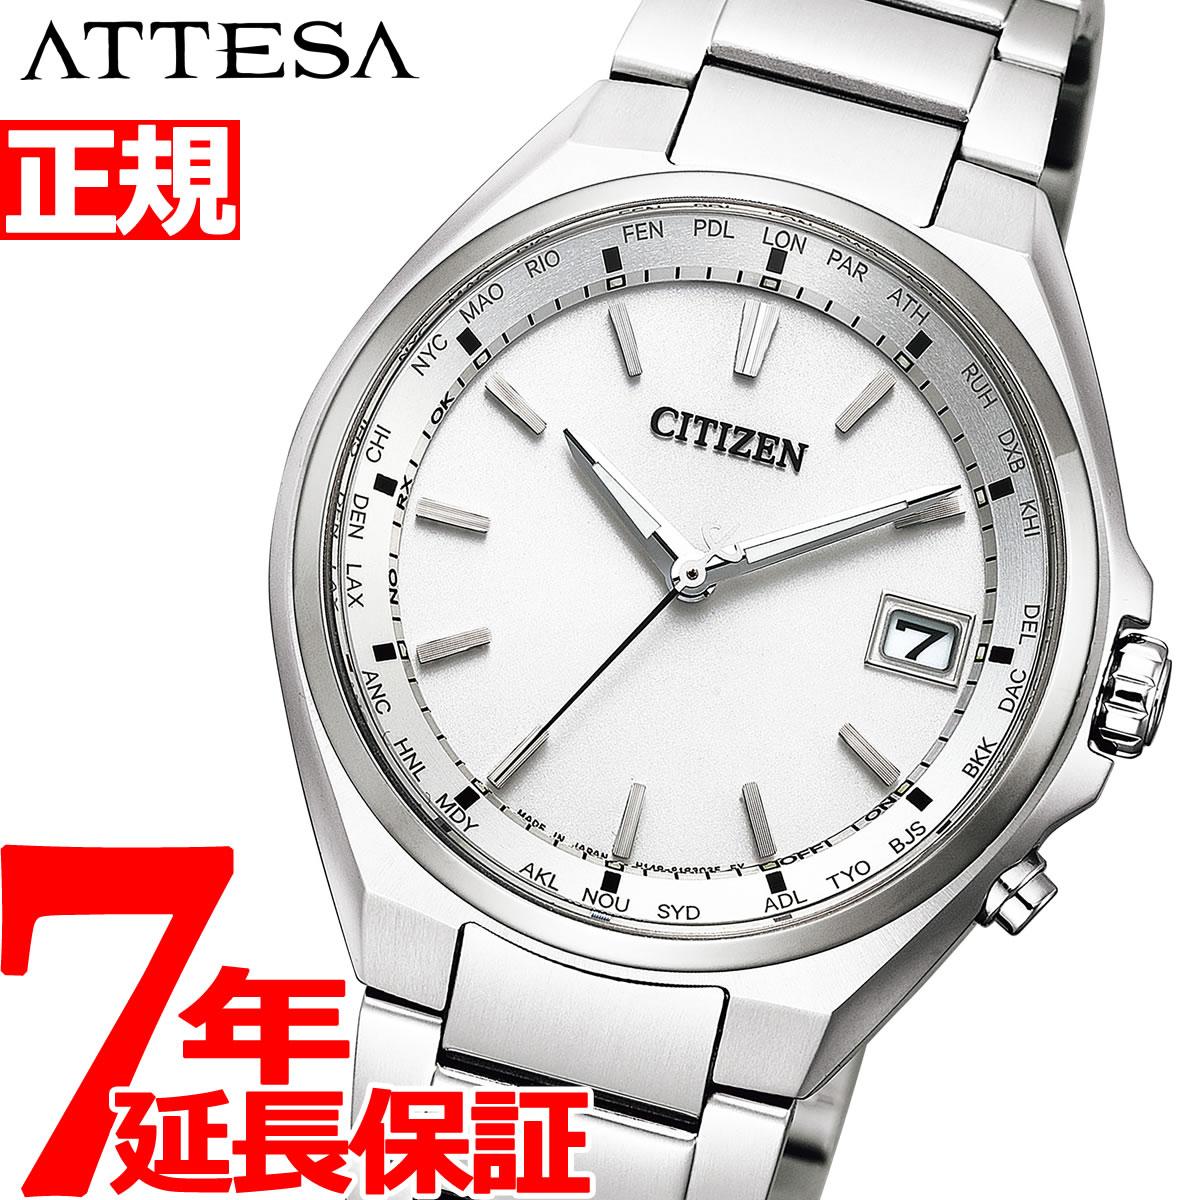 シチズン アテッサ CITIZEN ATTESA エコドライブ 電波時計 腕時計 メンズ ダイレクトフライト CB1120-50A【2019 新作】